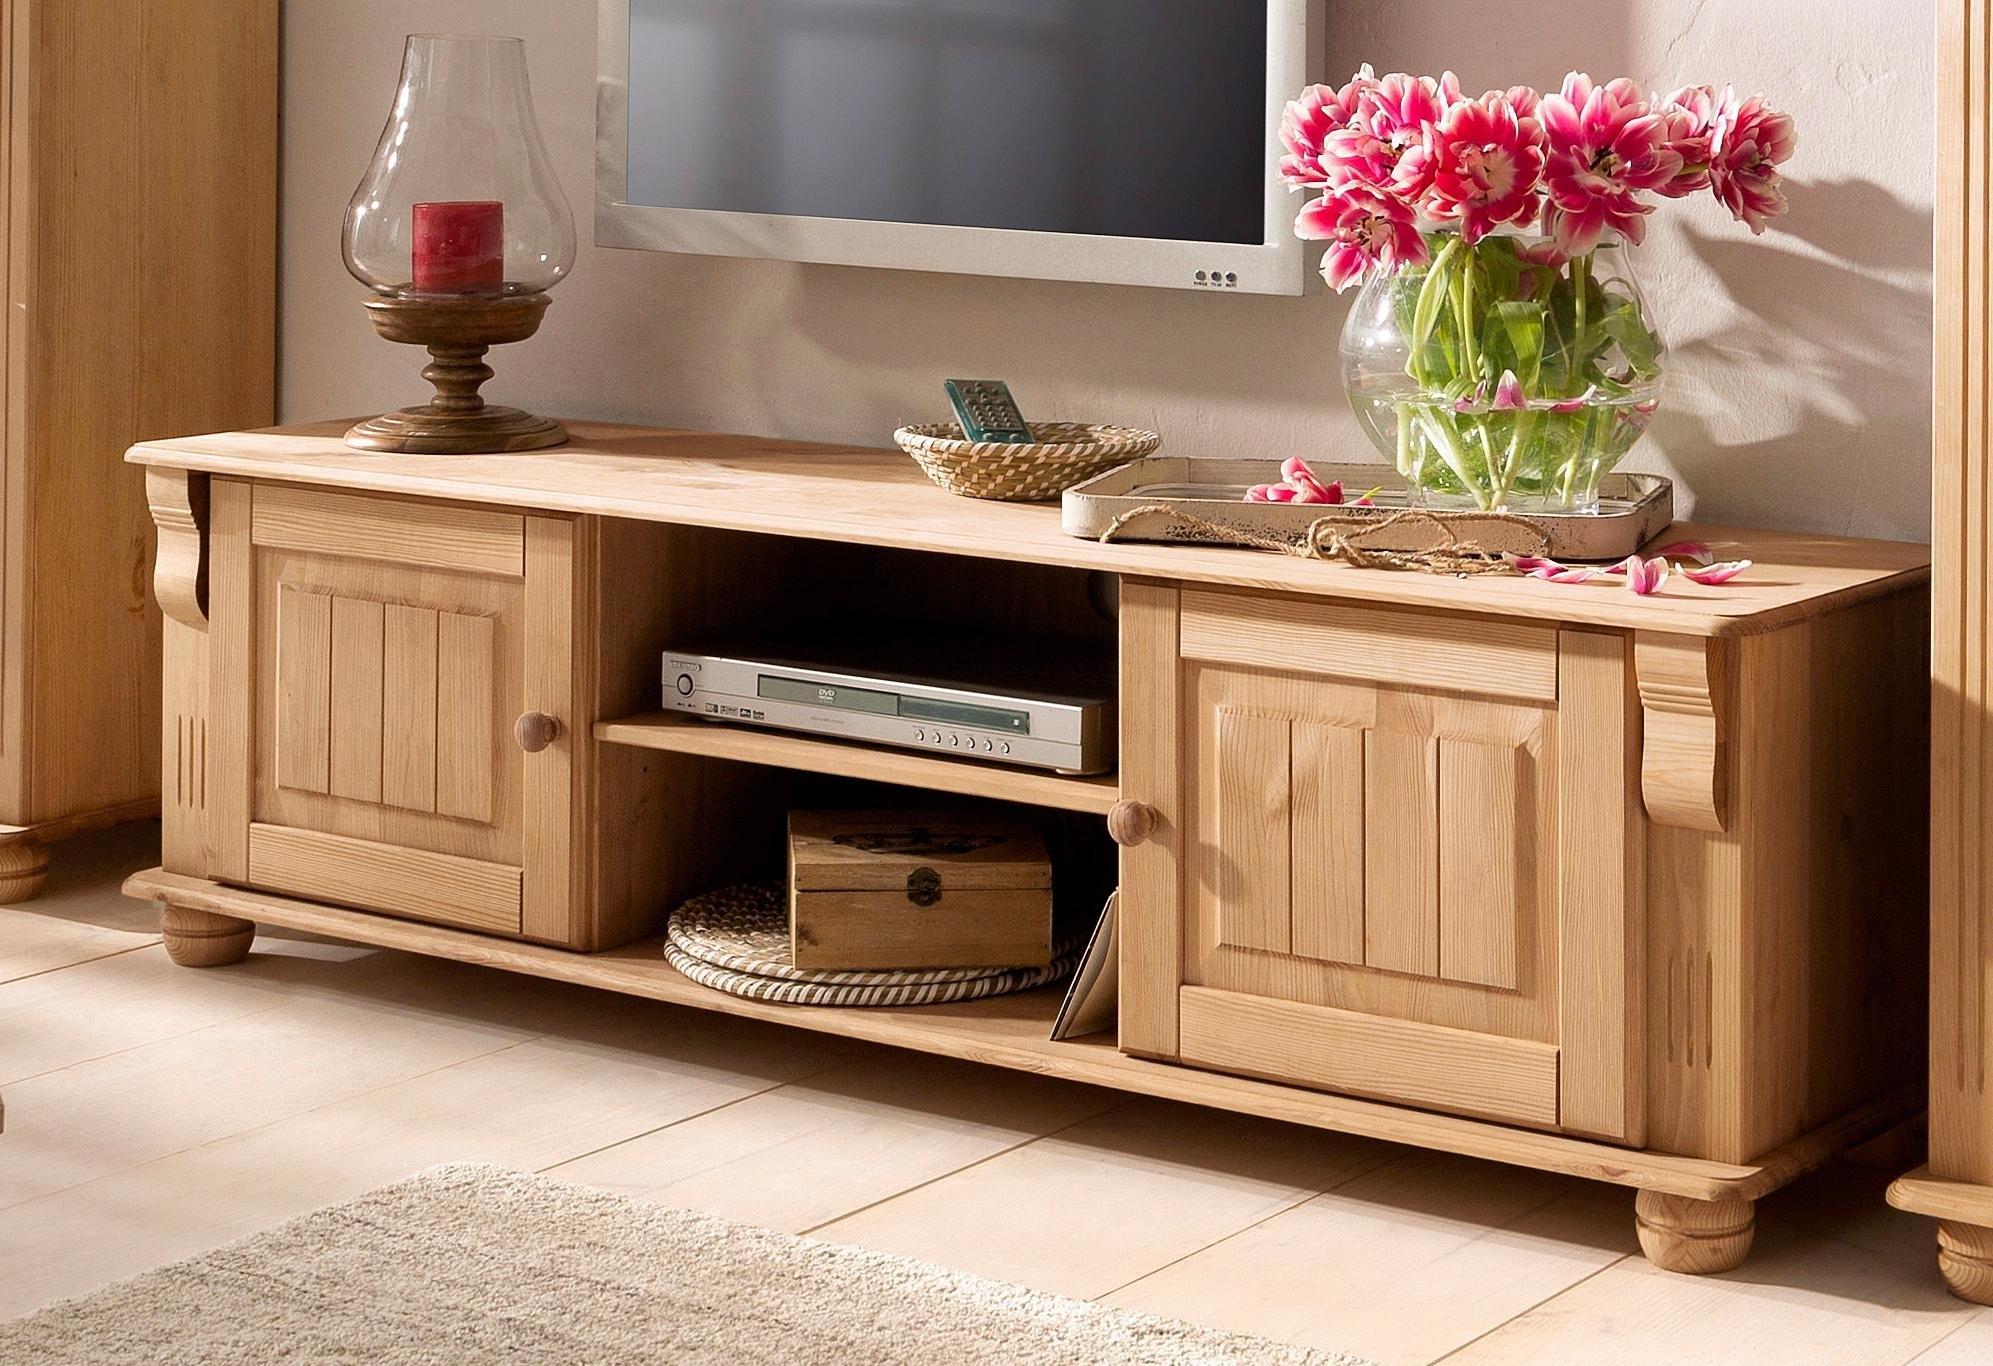 Home affaire tv-meubel ADELE Breedte 160 cm online kopen op otto.nl